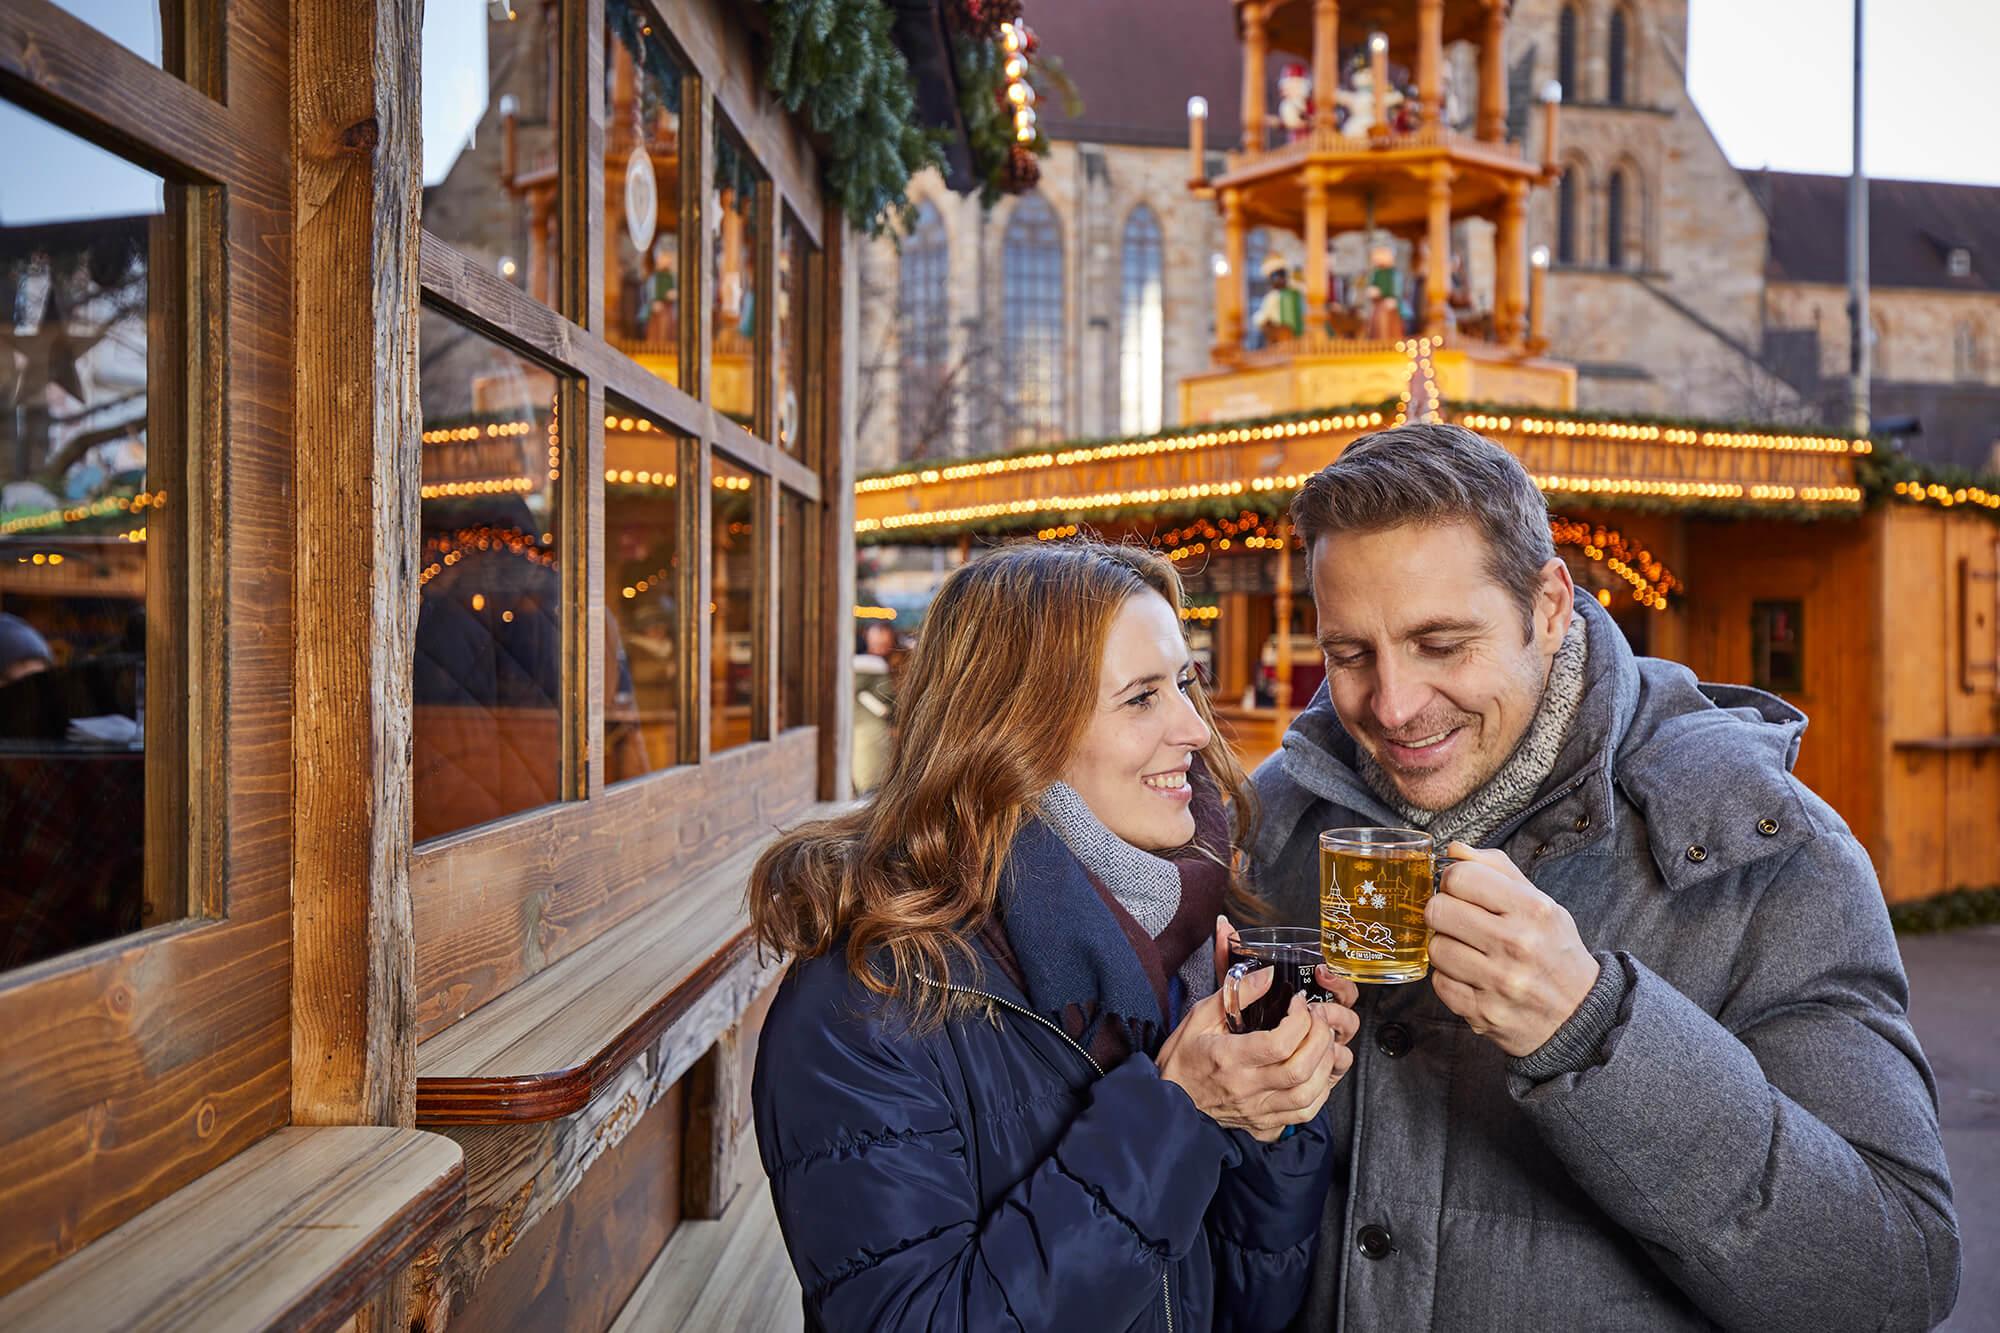 Esslingen_Weinhnachtsmarkt Glühwein